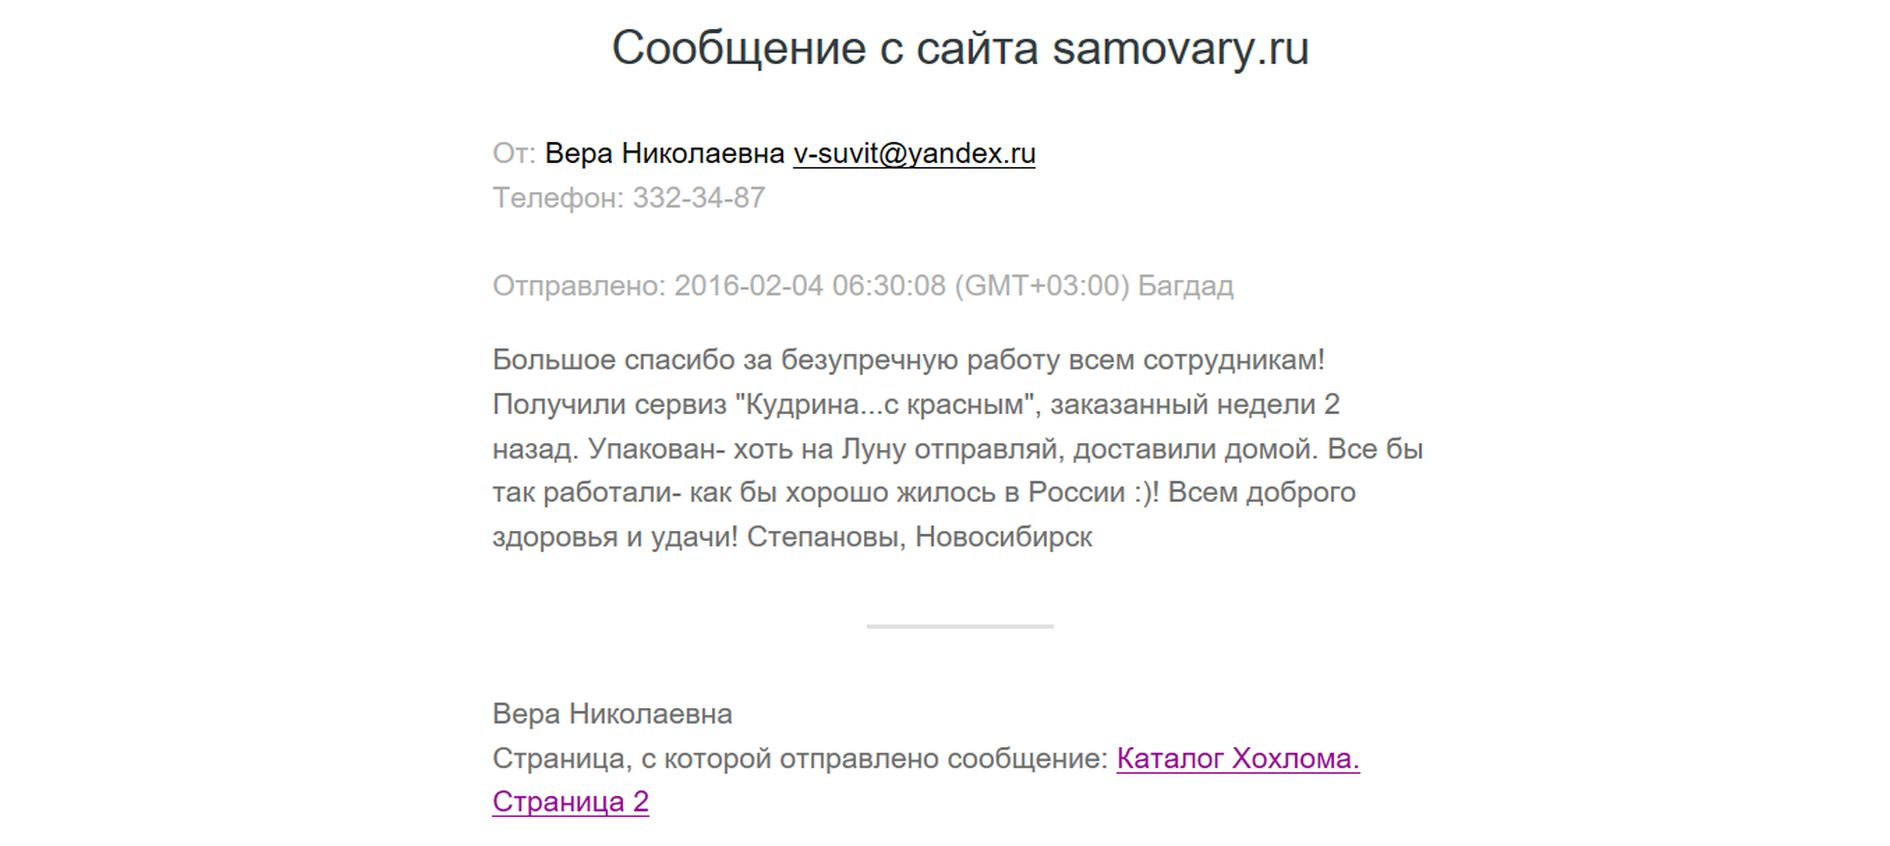 самовары.ру отзывы клиентов